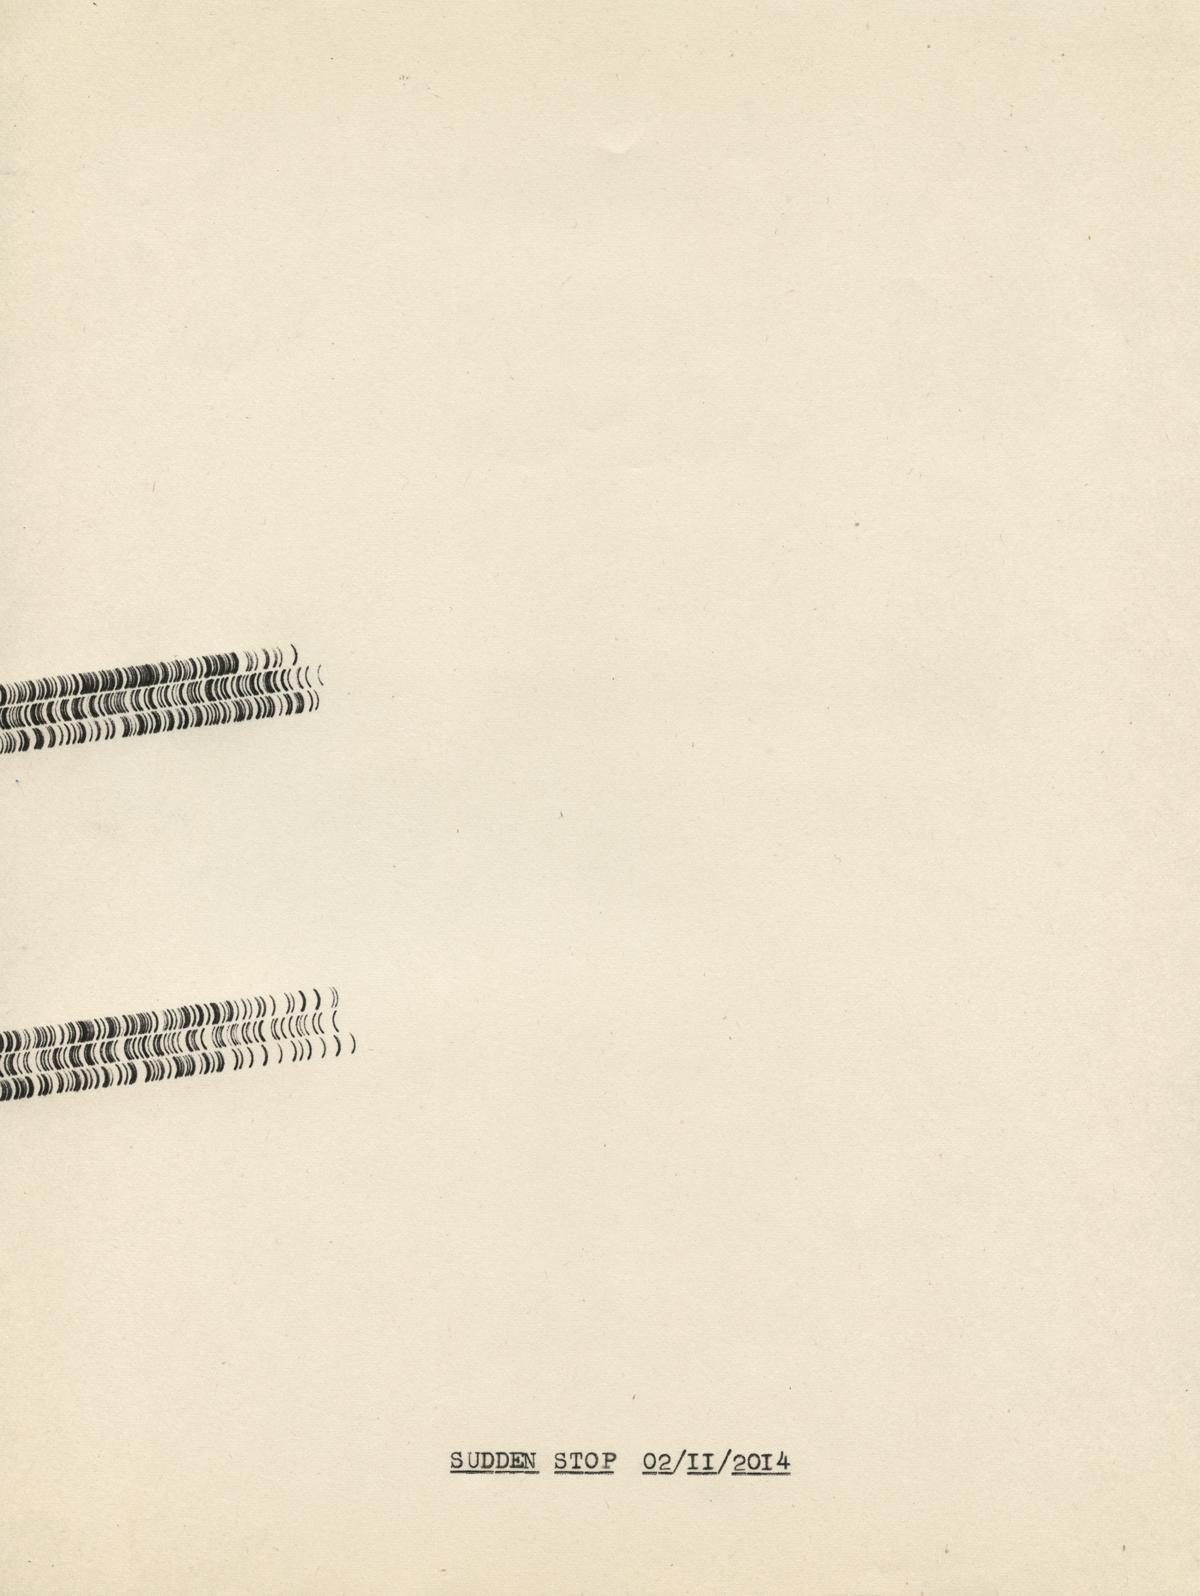 2014_02_typewriter_drawing.jpg